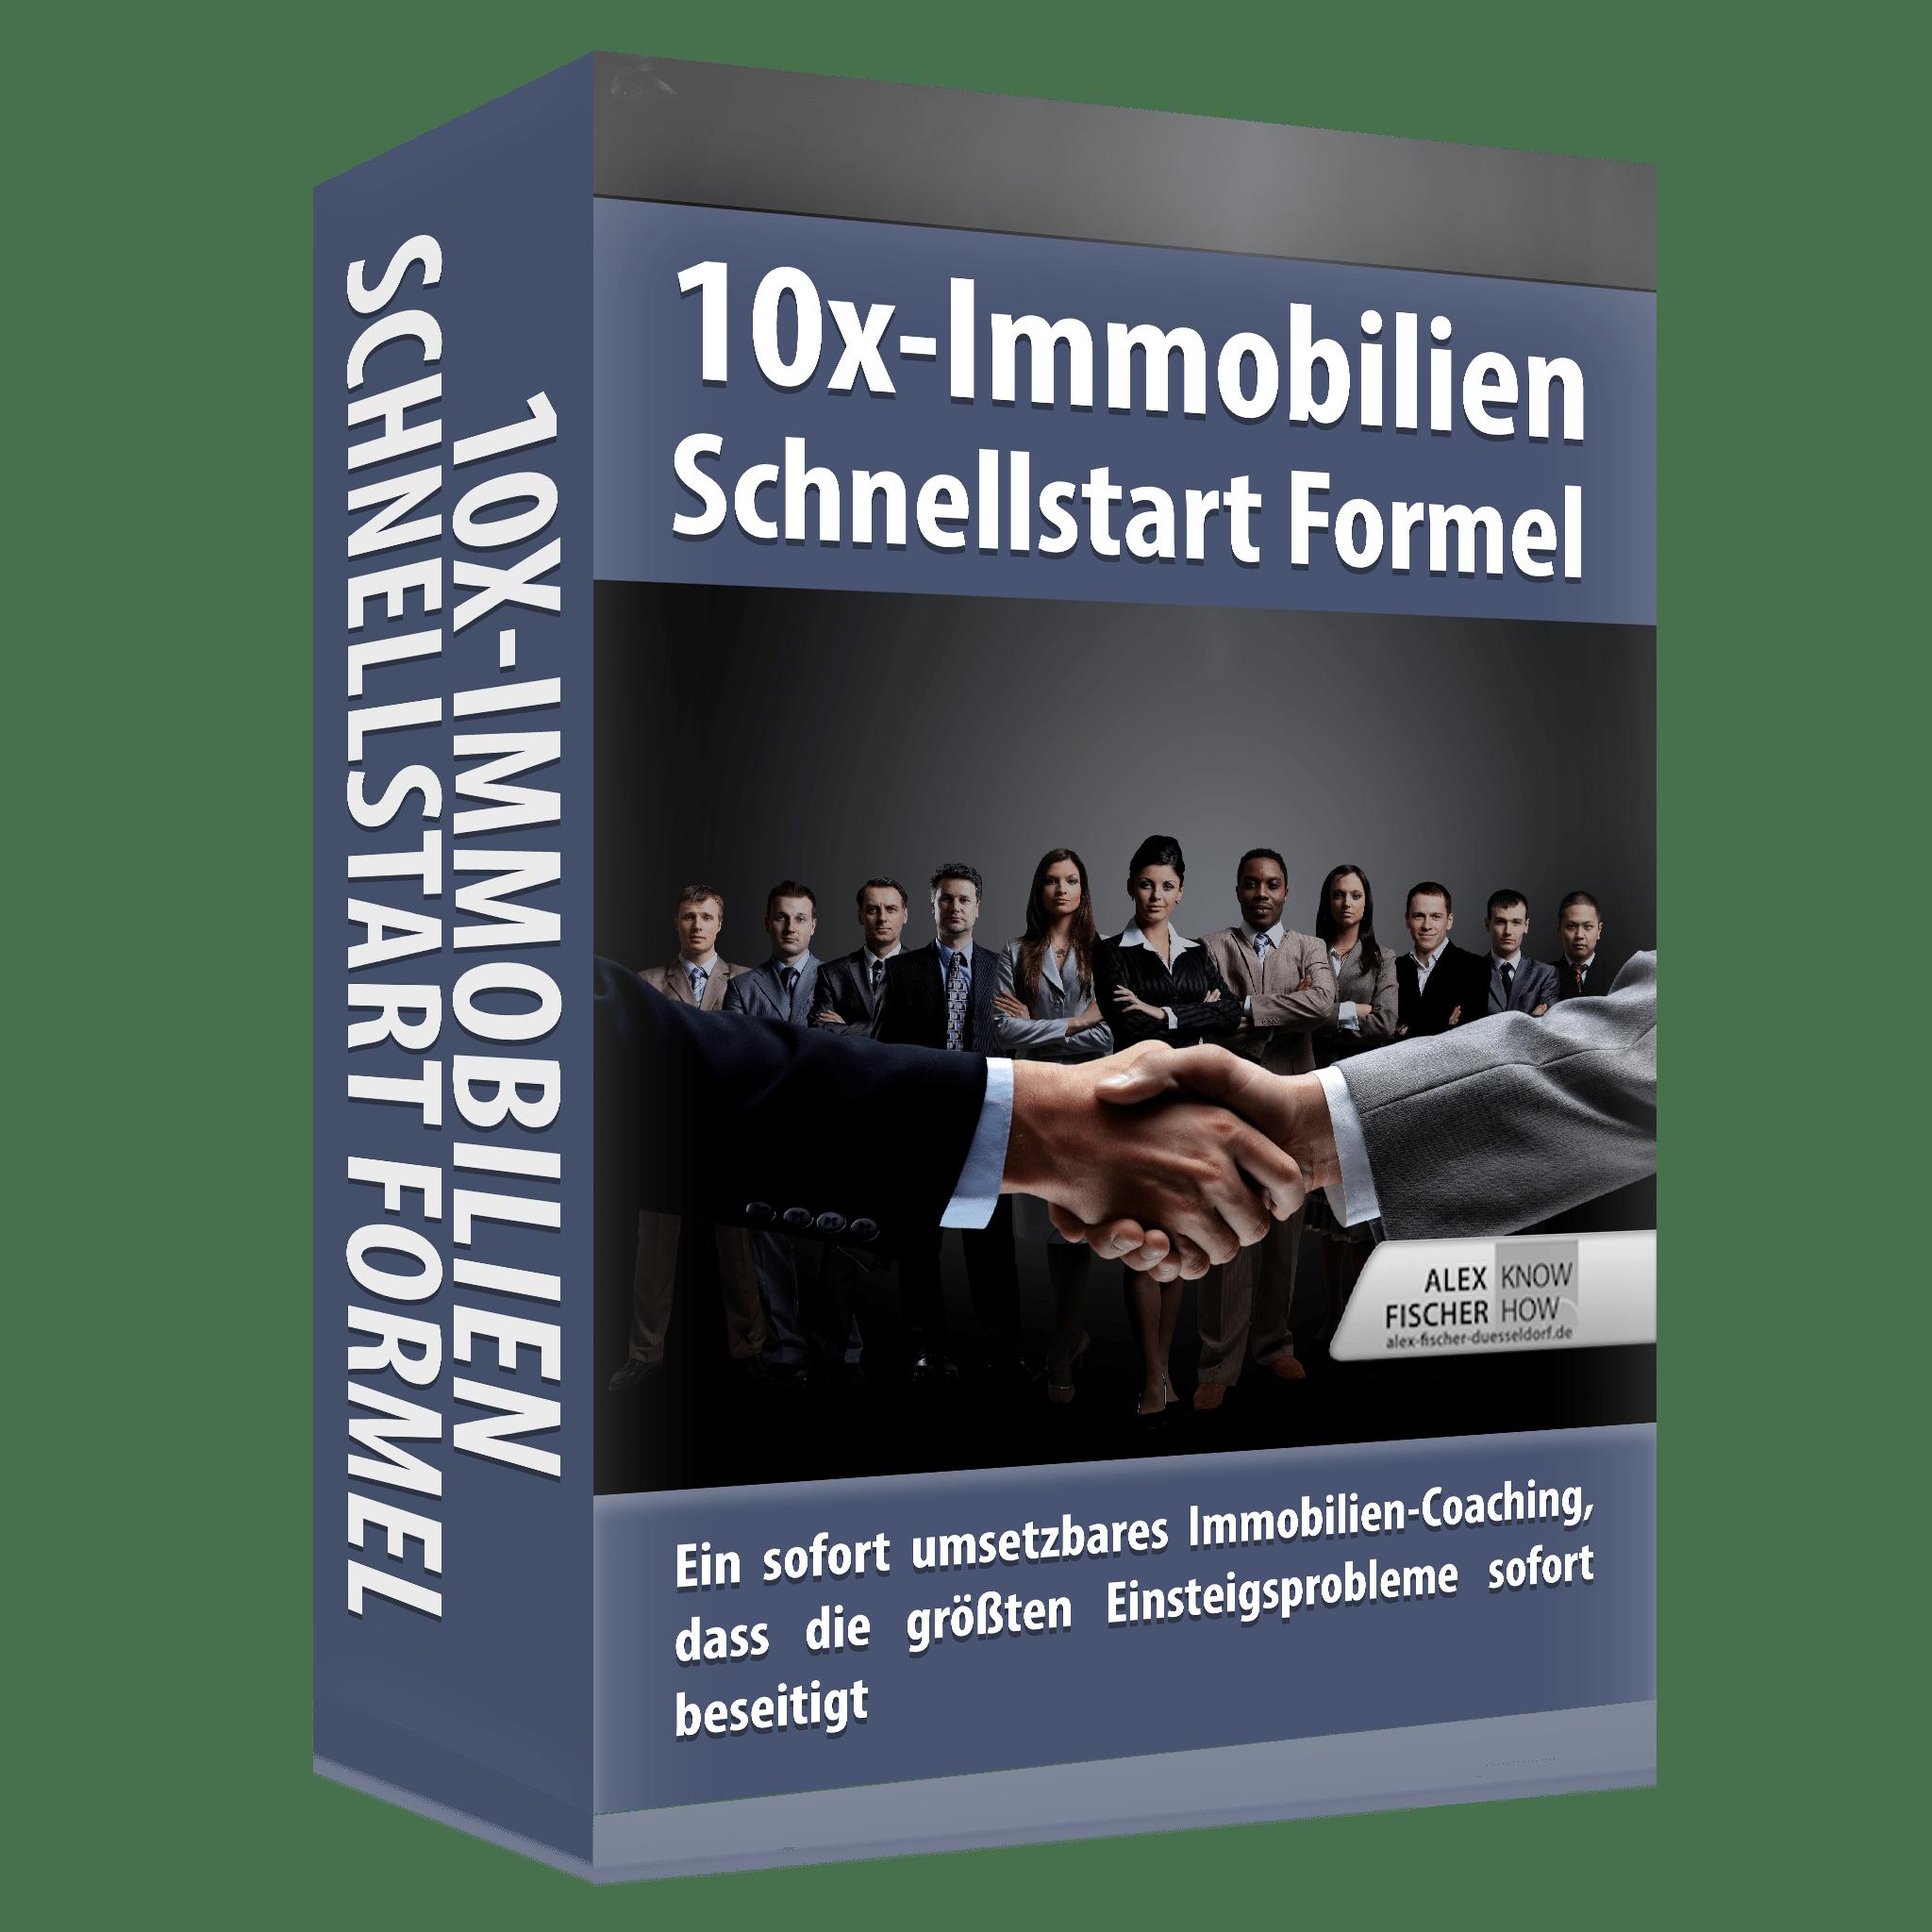 10x Immobilien Schnellstarter Formel von Alex Fischer Düsseldorf